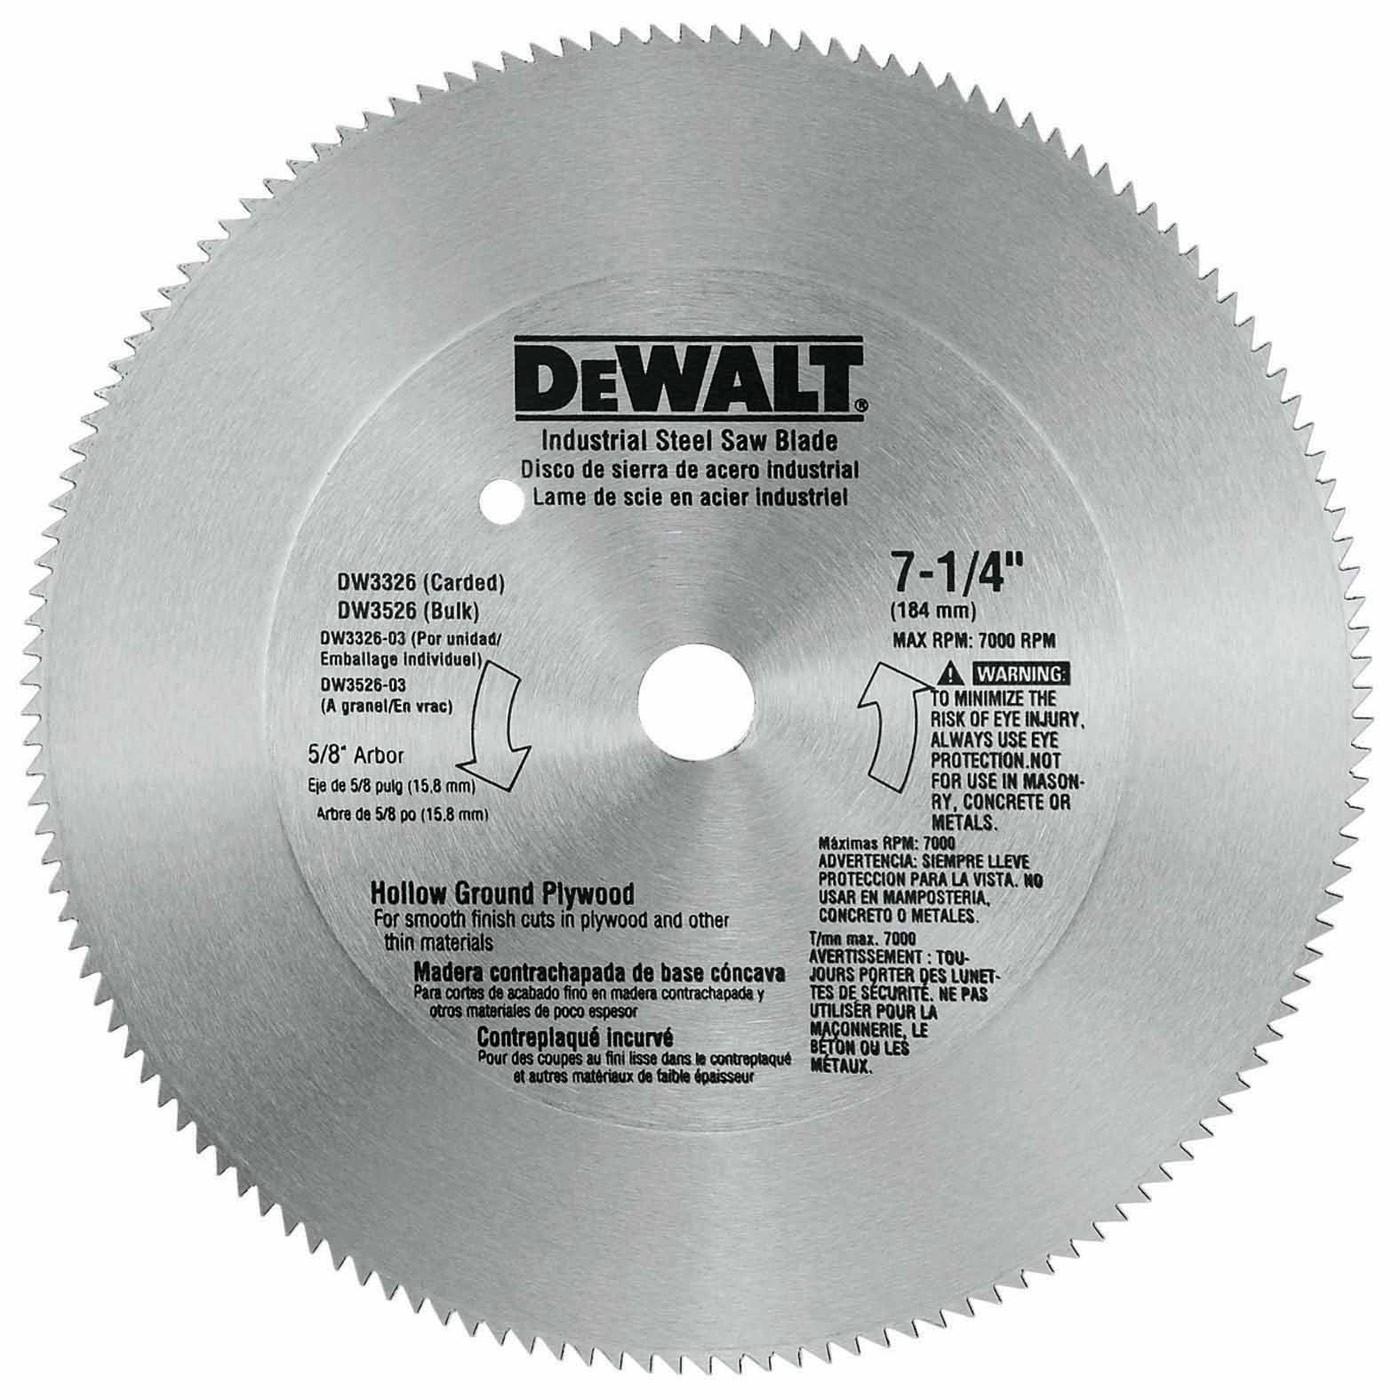 Tool accessories circular saw blades dewalt dw3326 7 14 140t steel hollow ground plywood saw blade greentooth Gallery